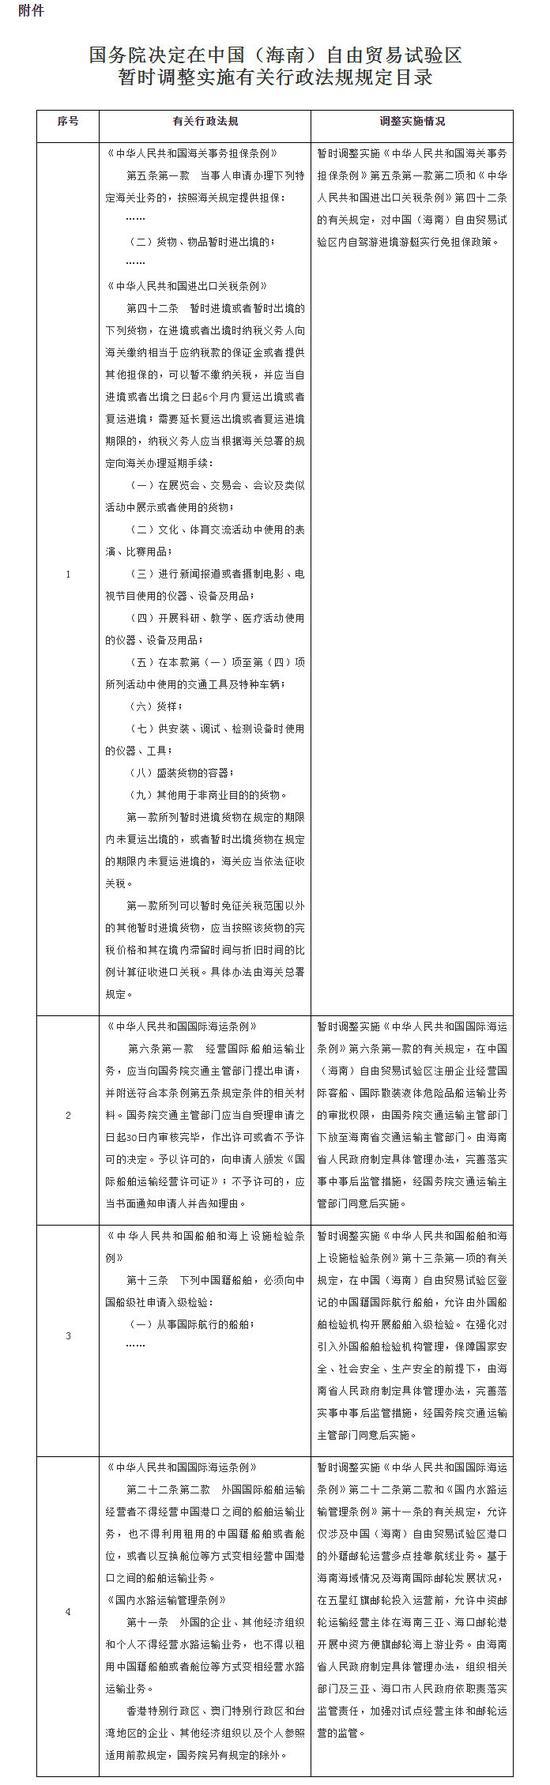 国务院:海南自由贸易试验区暂时调整实施有关行政法规